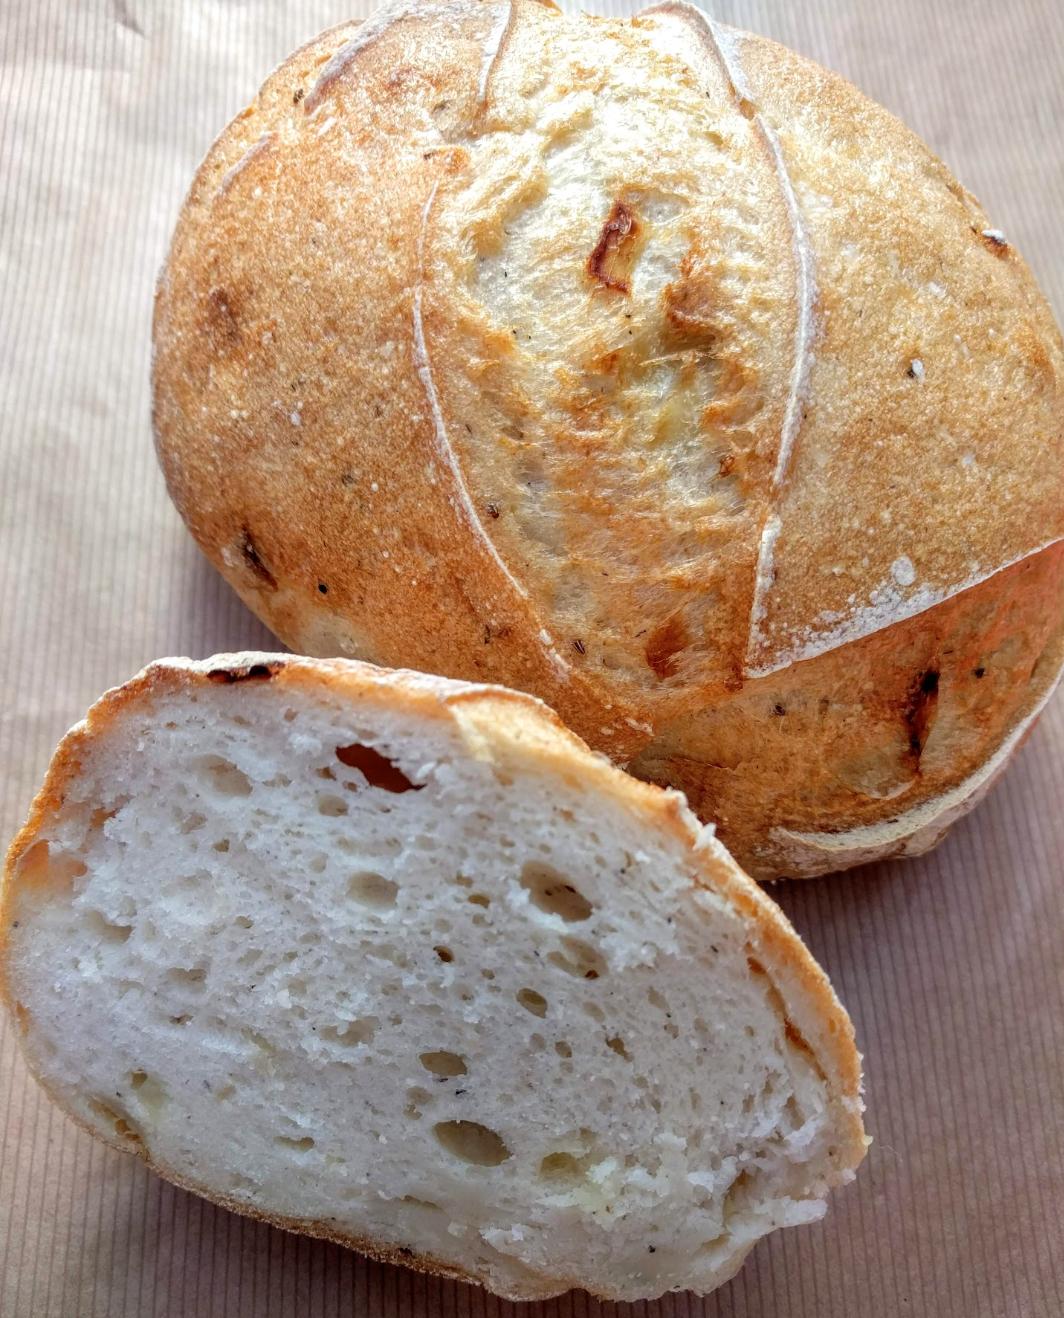 Bezlepkové kváskování - Jak na domácí kváskový chléb krok za krokem (16.2.2019)